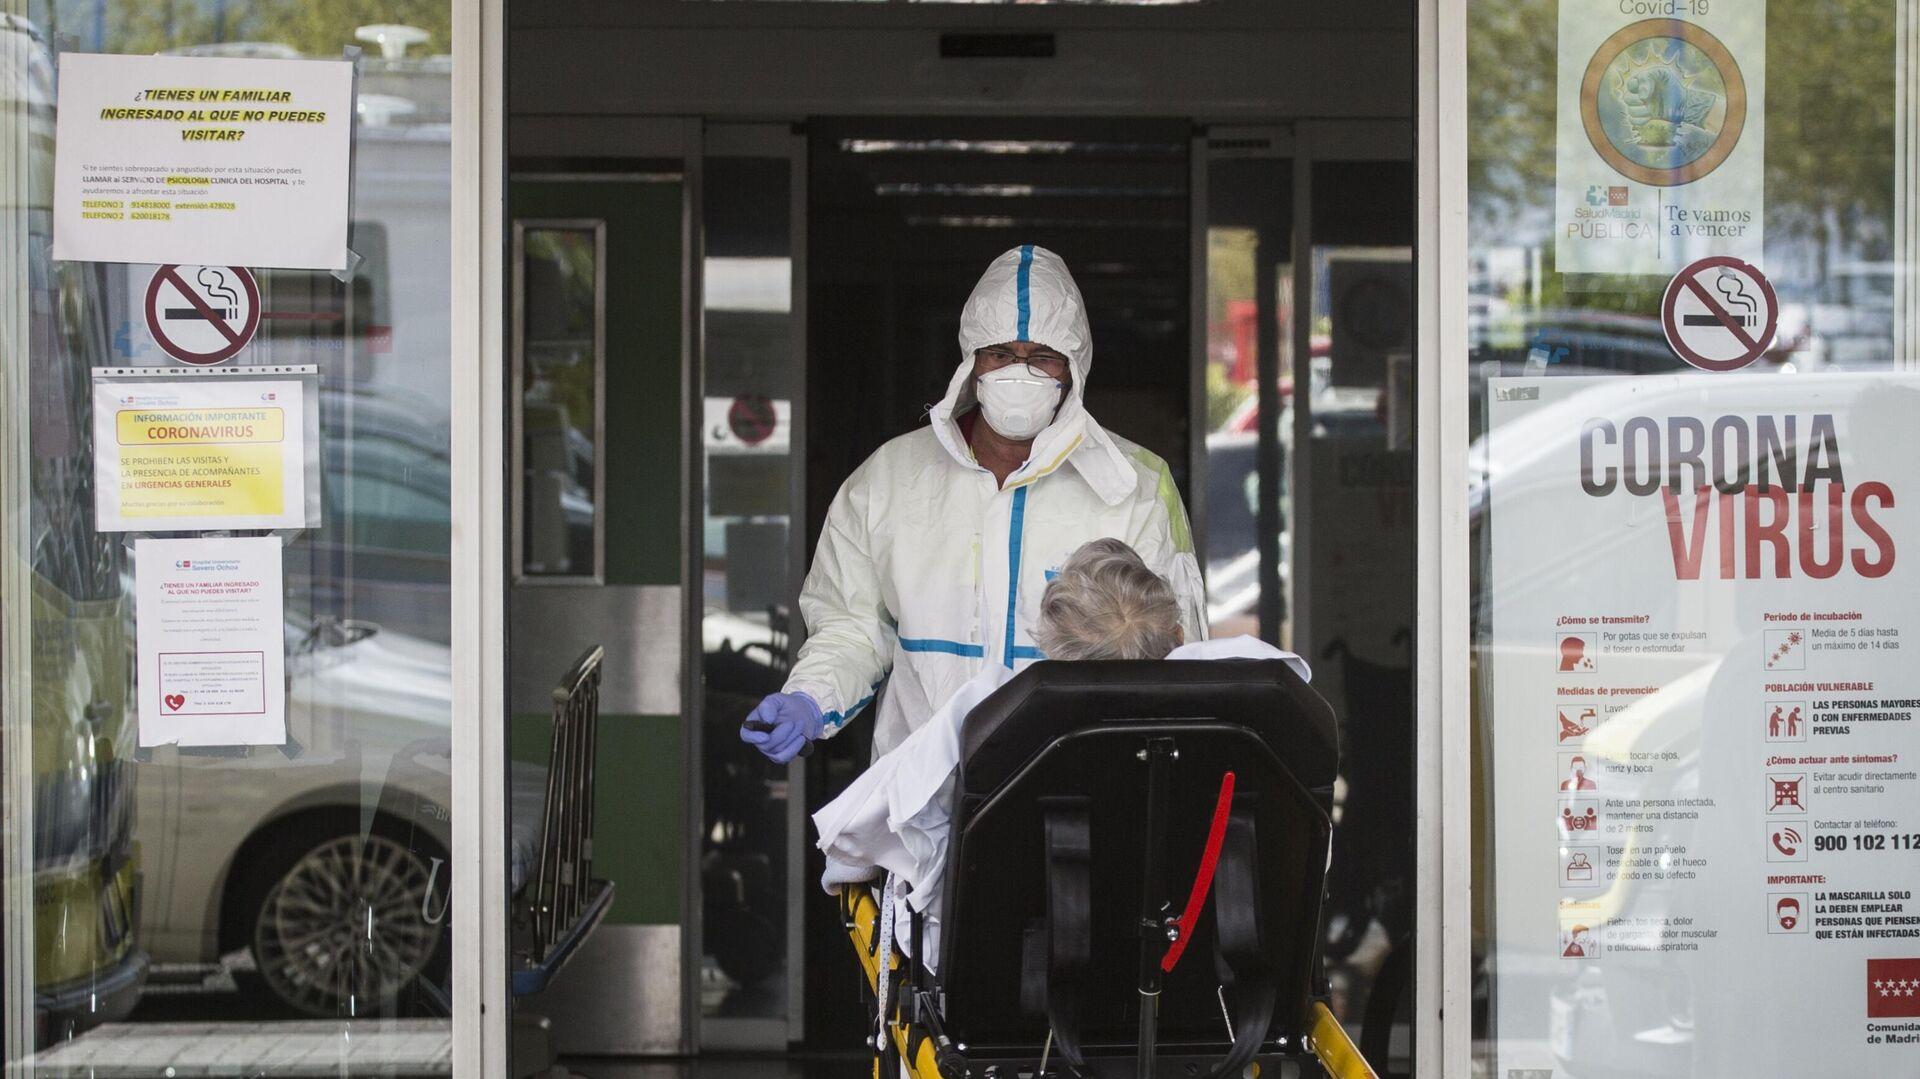 Медицинской работник доставляет пациента на каталке в приемное отделение госпиталя Северо Очоа в Мадриде - РИА Новости, 1920, 26.10.2020